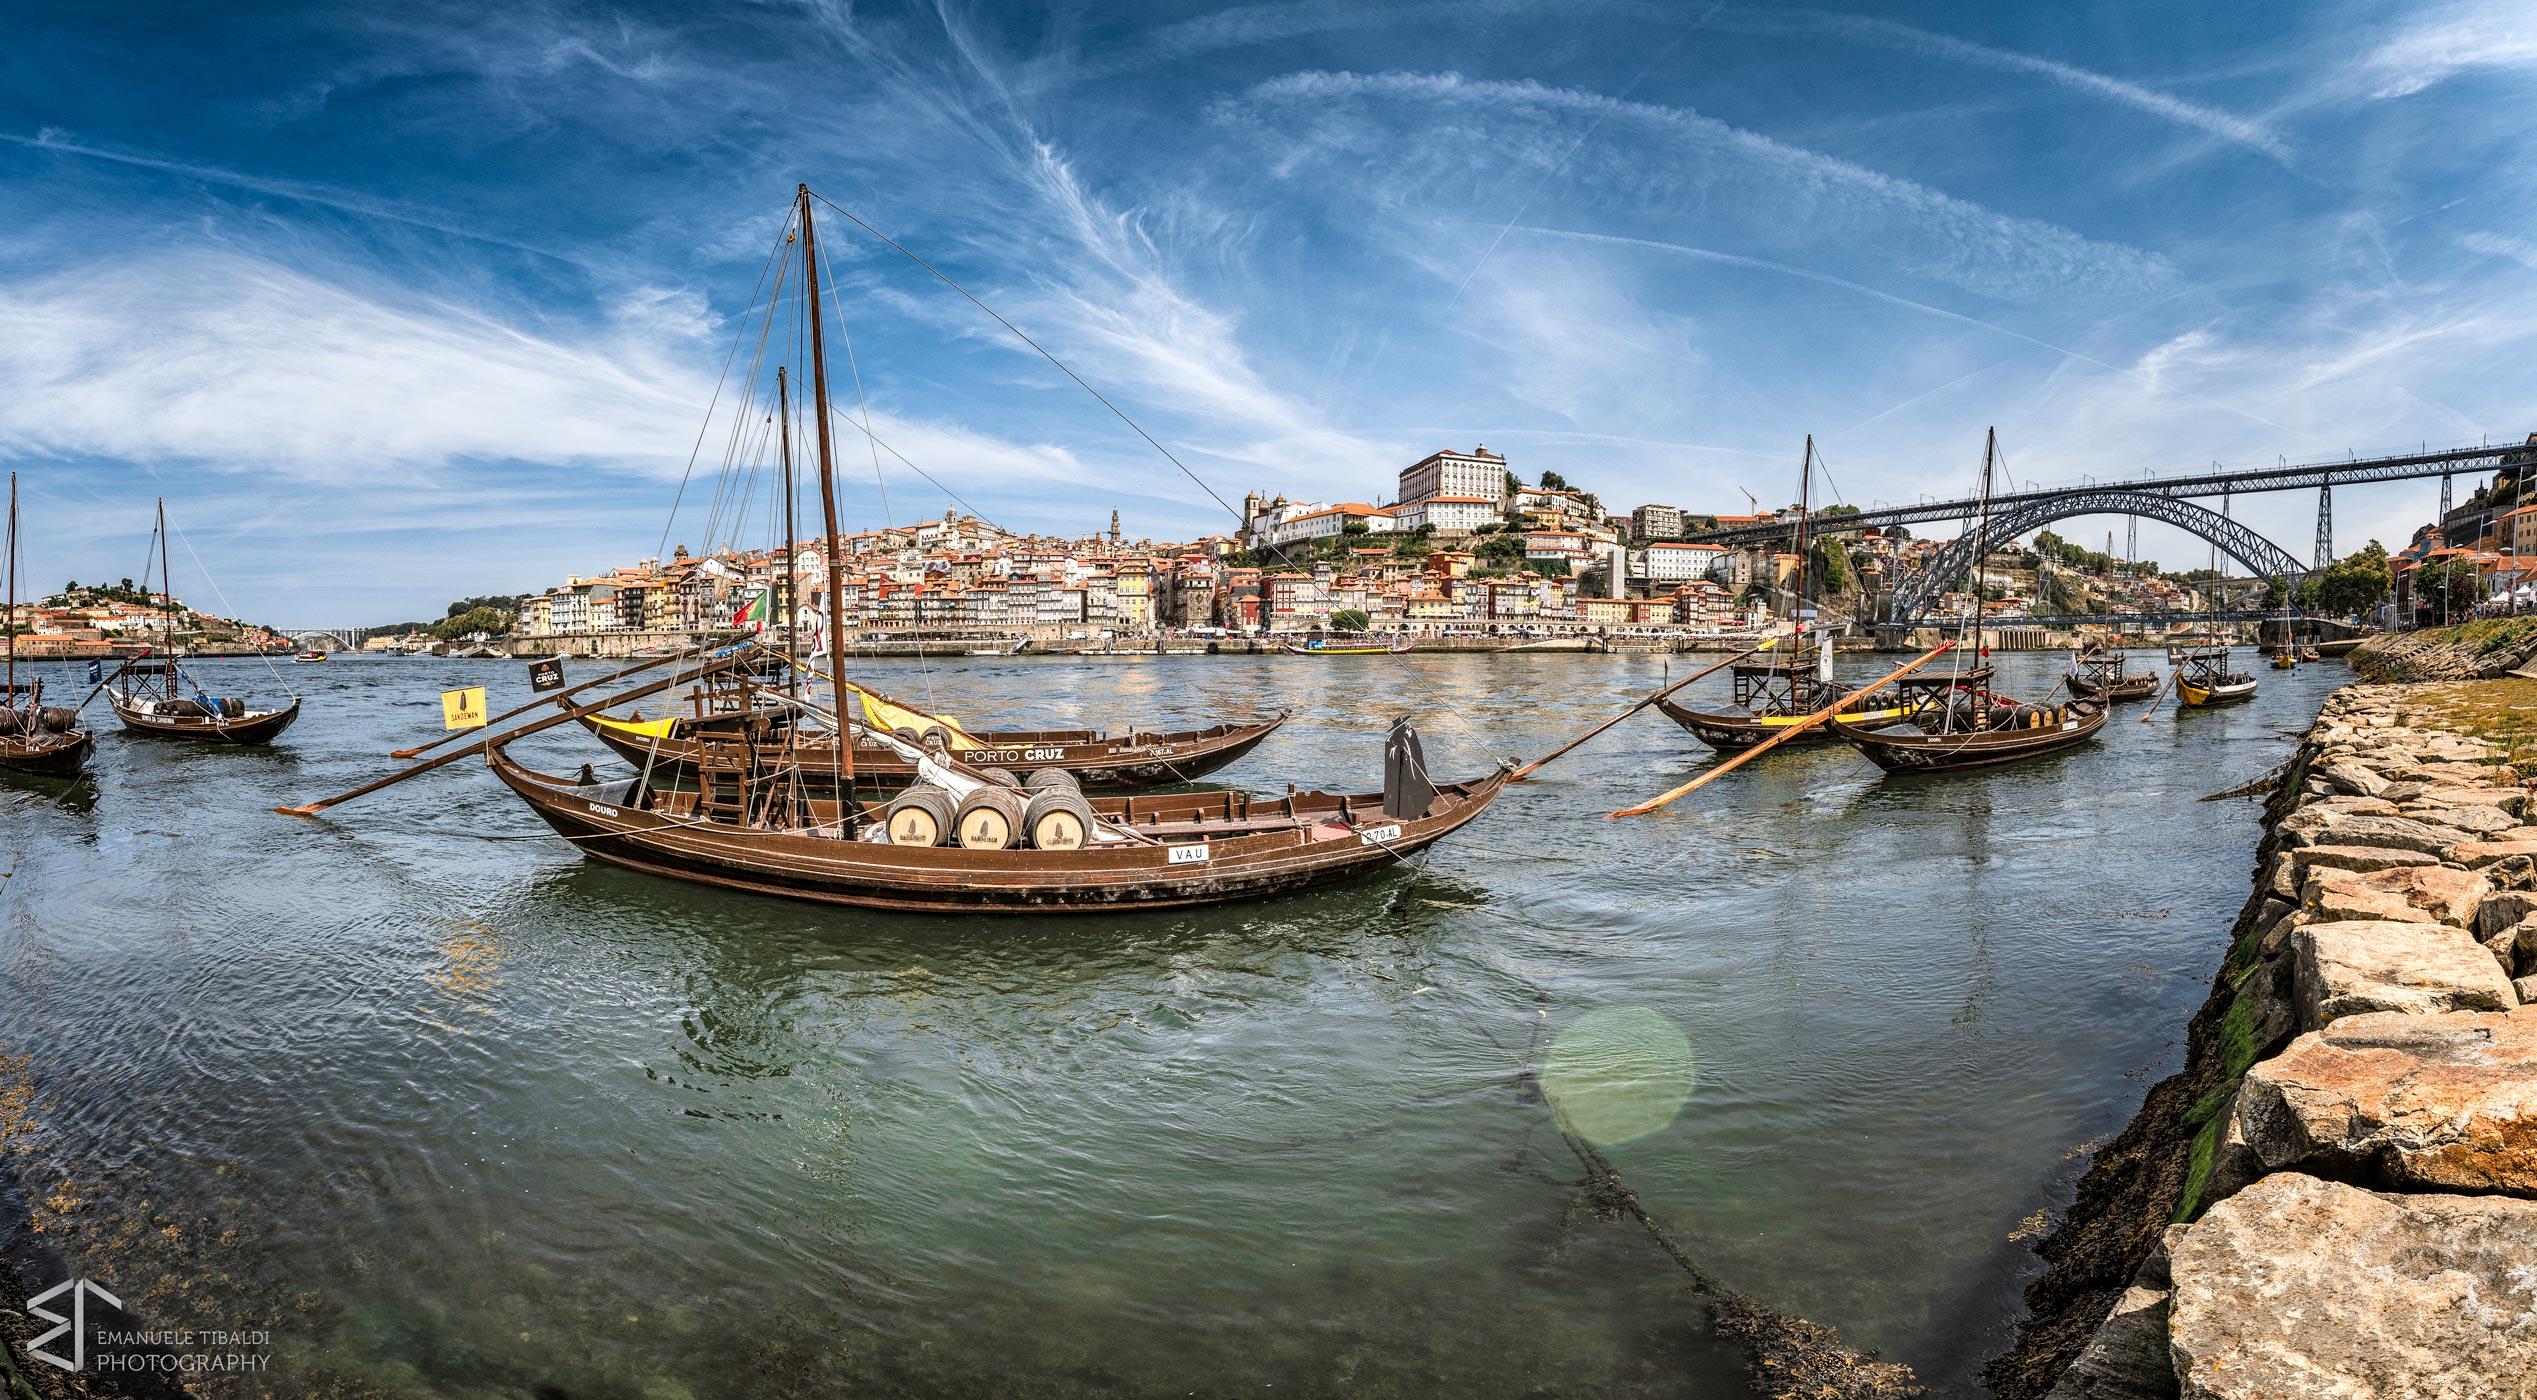 Paesaggi-Portogallo - DSC 2368 - Fiume di Porto, città di Porto - Città Porto e ponte Luis I